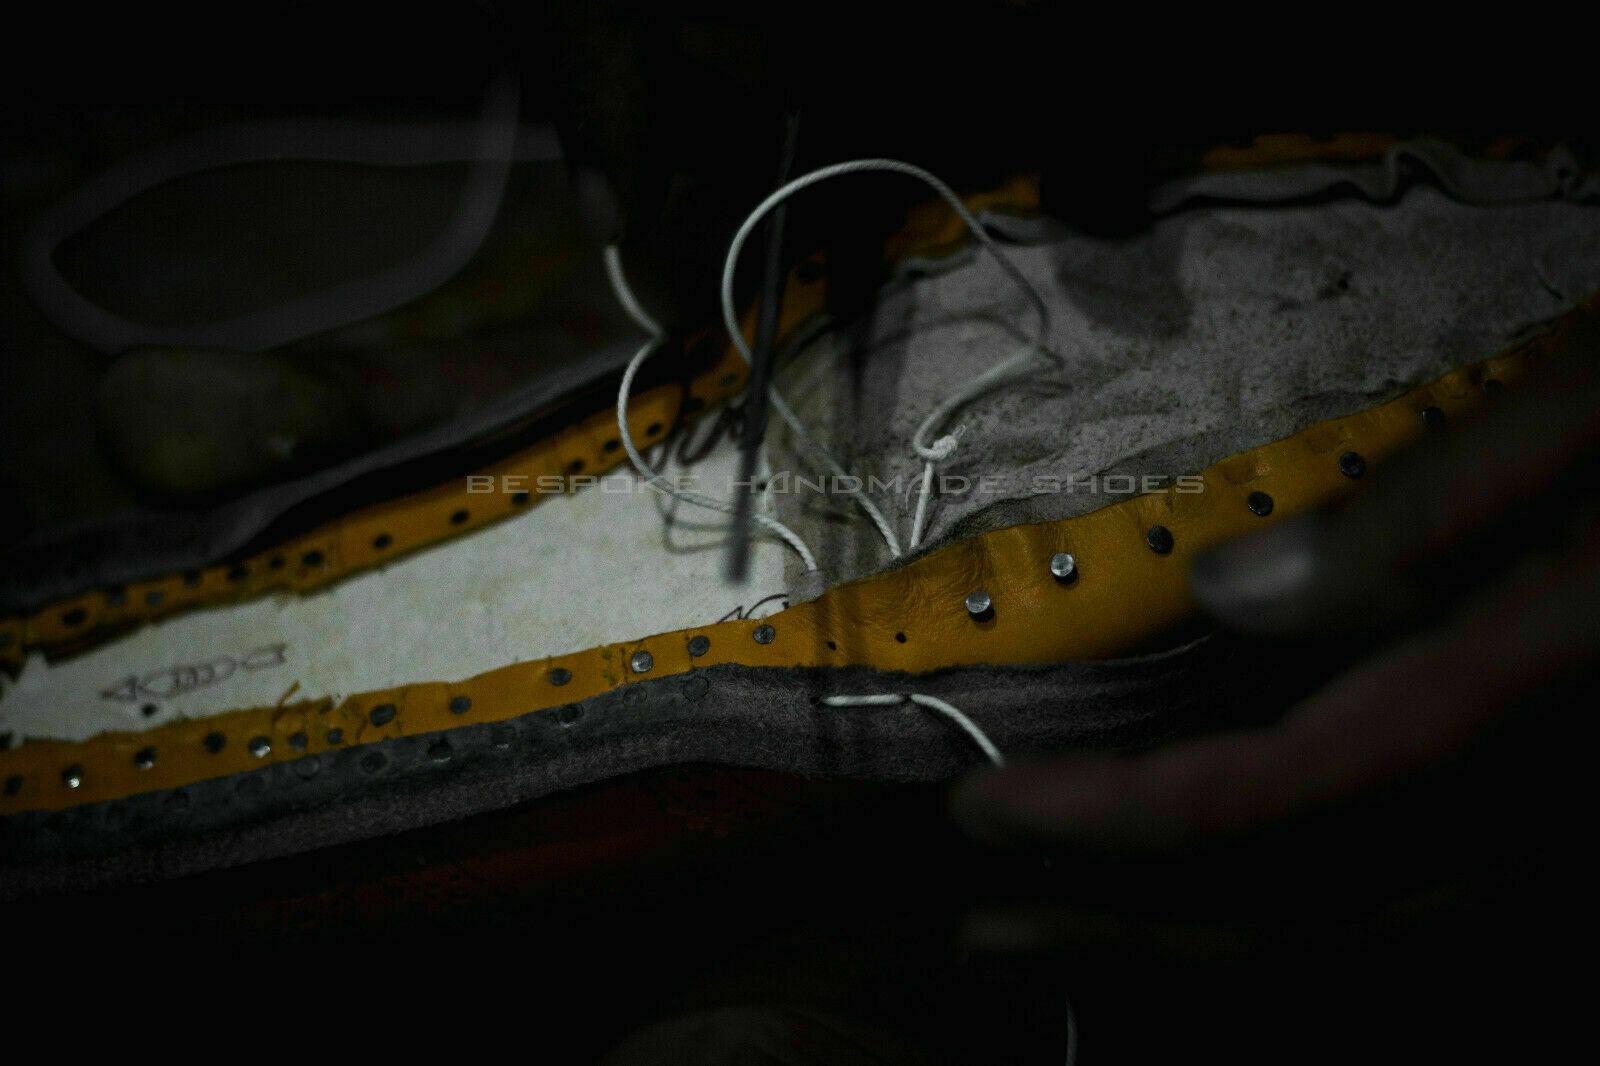 Hecho a mano mano mano para Hombres Azul Genuino Mocasines De Gamuza & Cordones Mocasín borlas zapatos 818f84